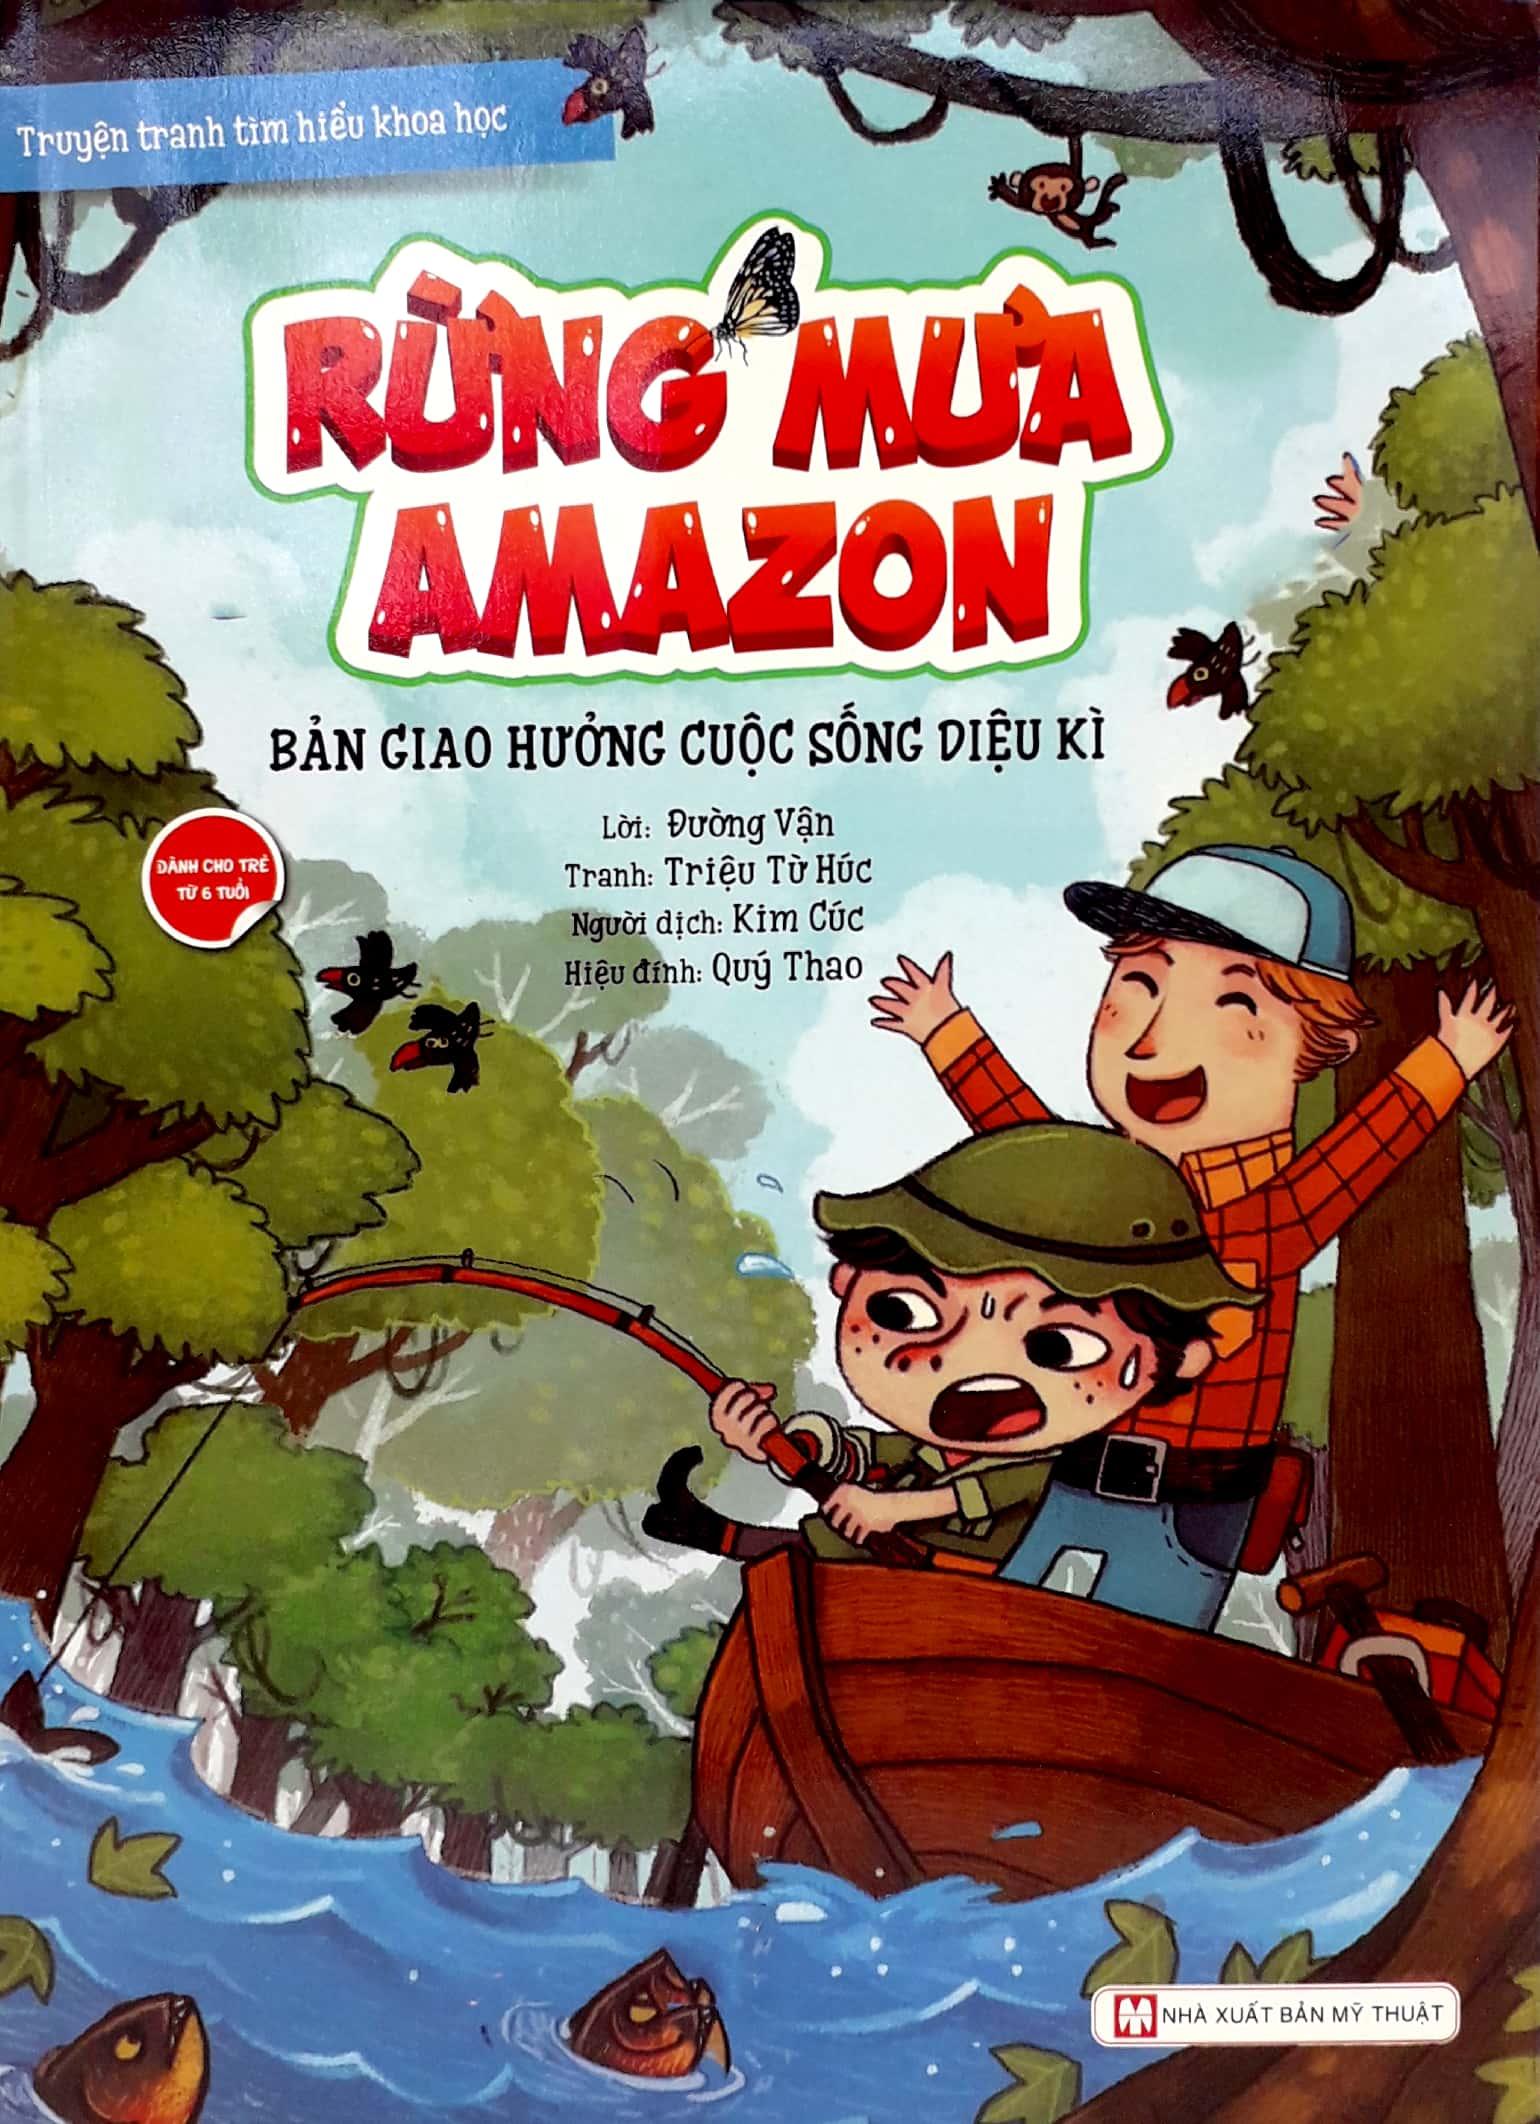 Rừng Mưa Amazon - Bản Giao Hưởng Cuộc Sống Diệu Kì